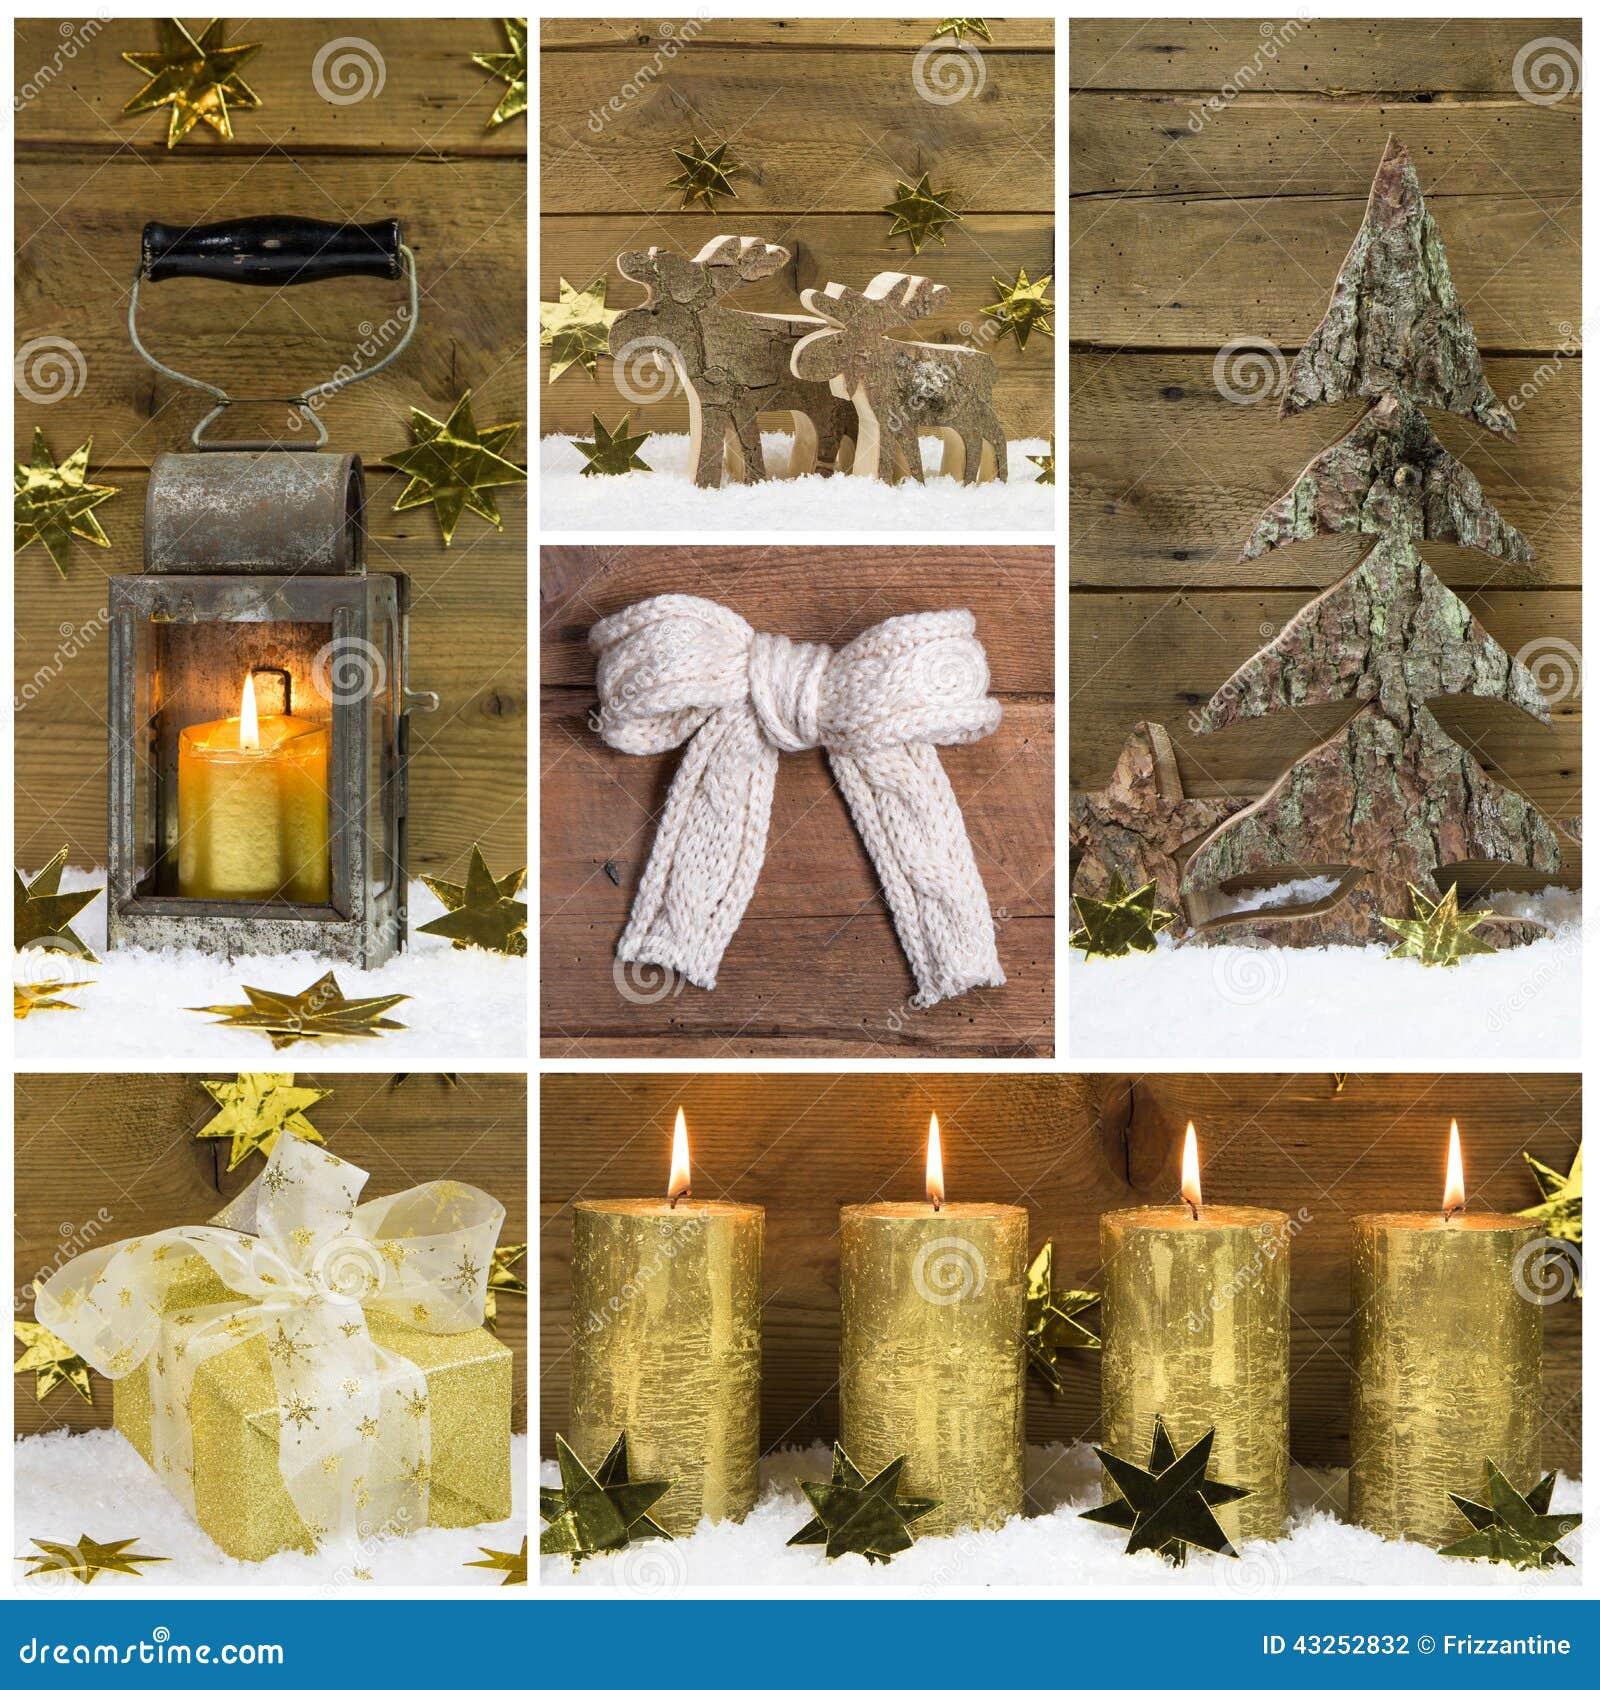 nat rliche weihnachtsdekoration mit holz schnee und. Black Bedroom Furniture Sets. Home Design Ideas